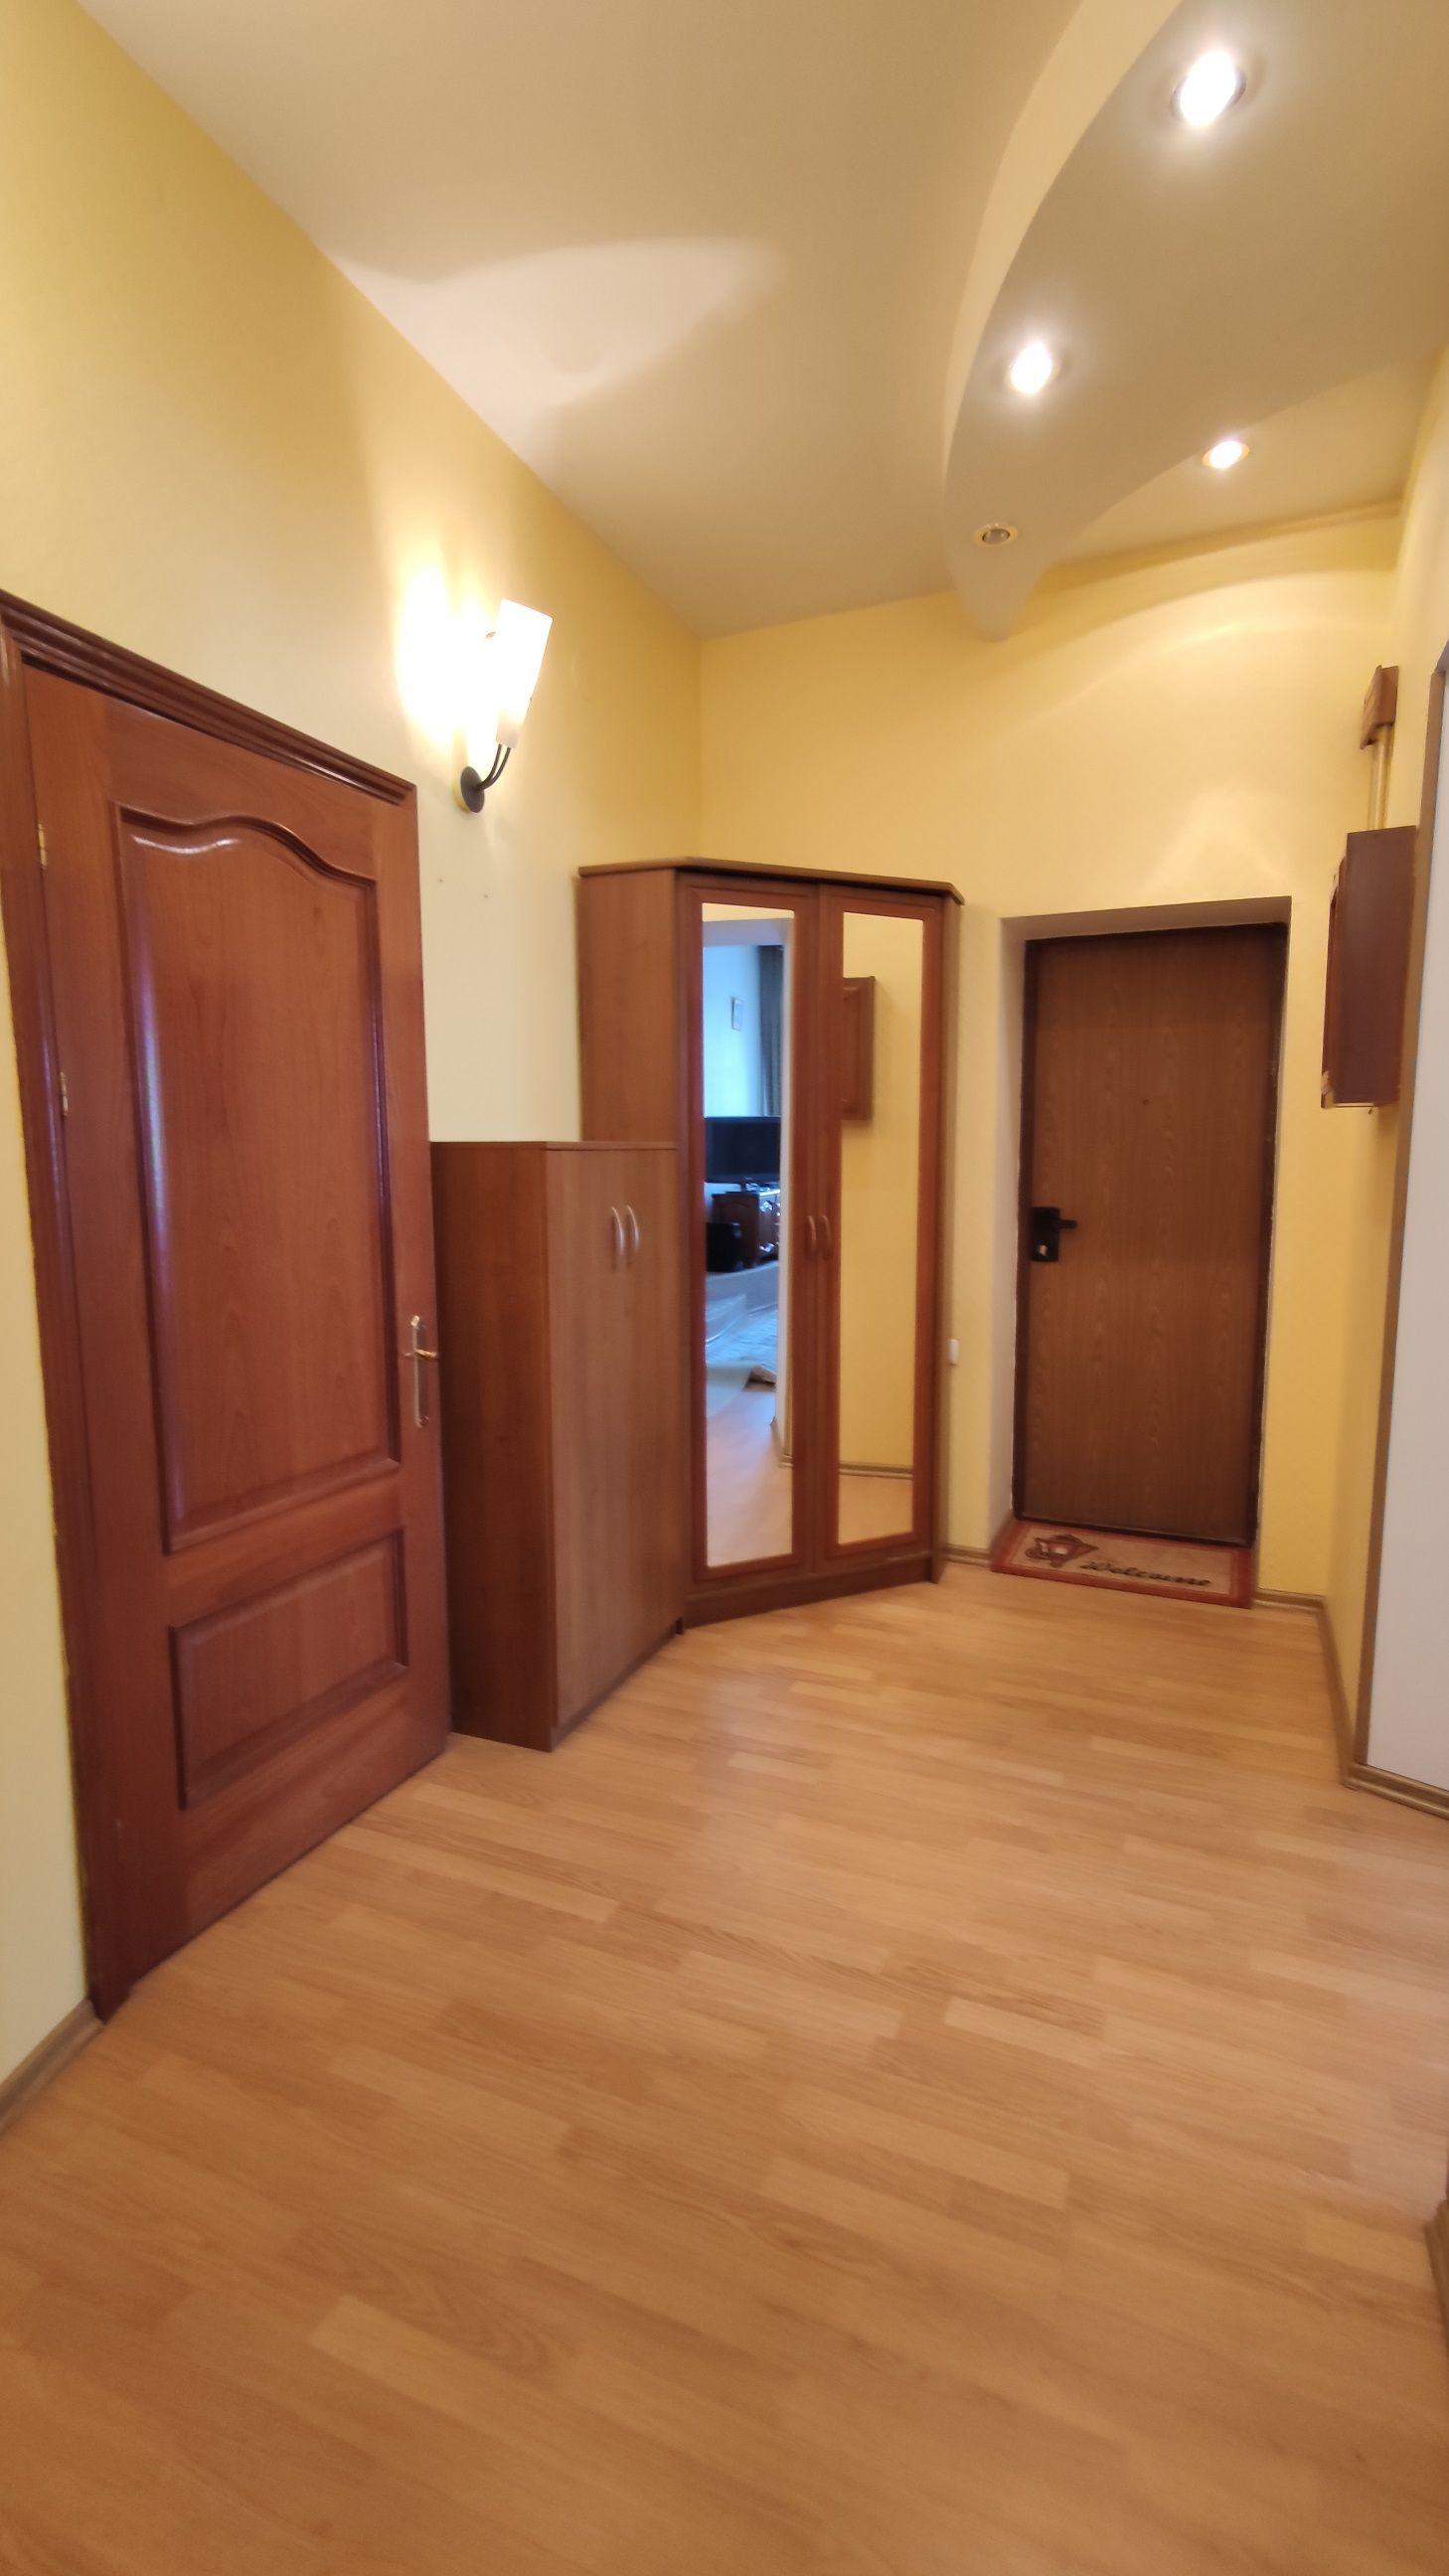 Квартира W-6478757, Січових Стрільців (Артема), Київ - Фото 7